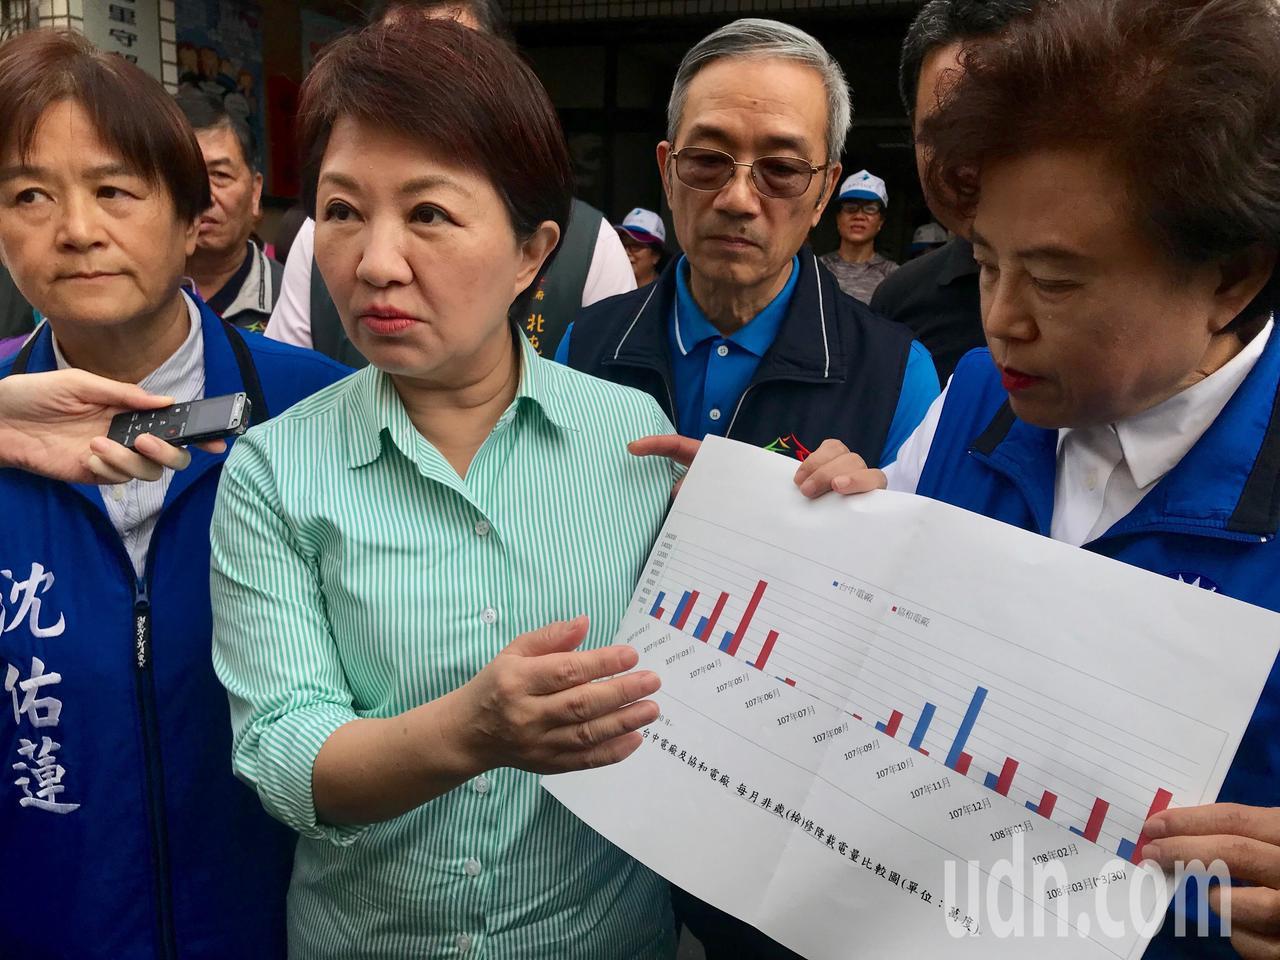 高雄市長韓國瑜高唱「我堅持不考慮2020」,台中市長盧秀燕(左二)說,馬前總統以...